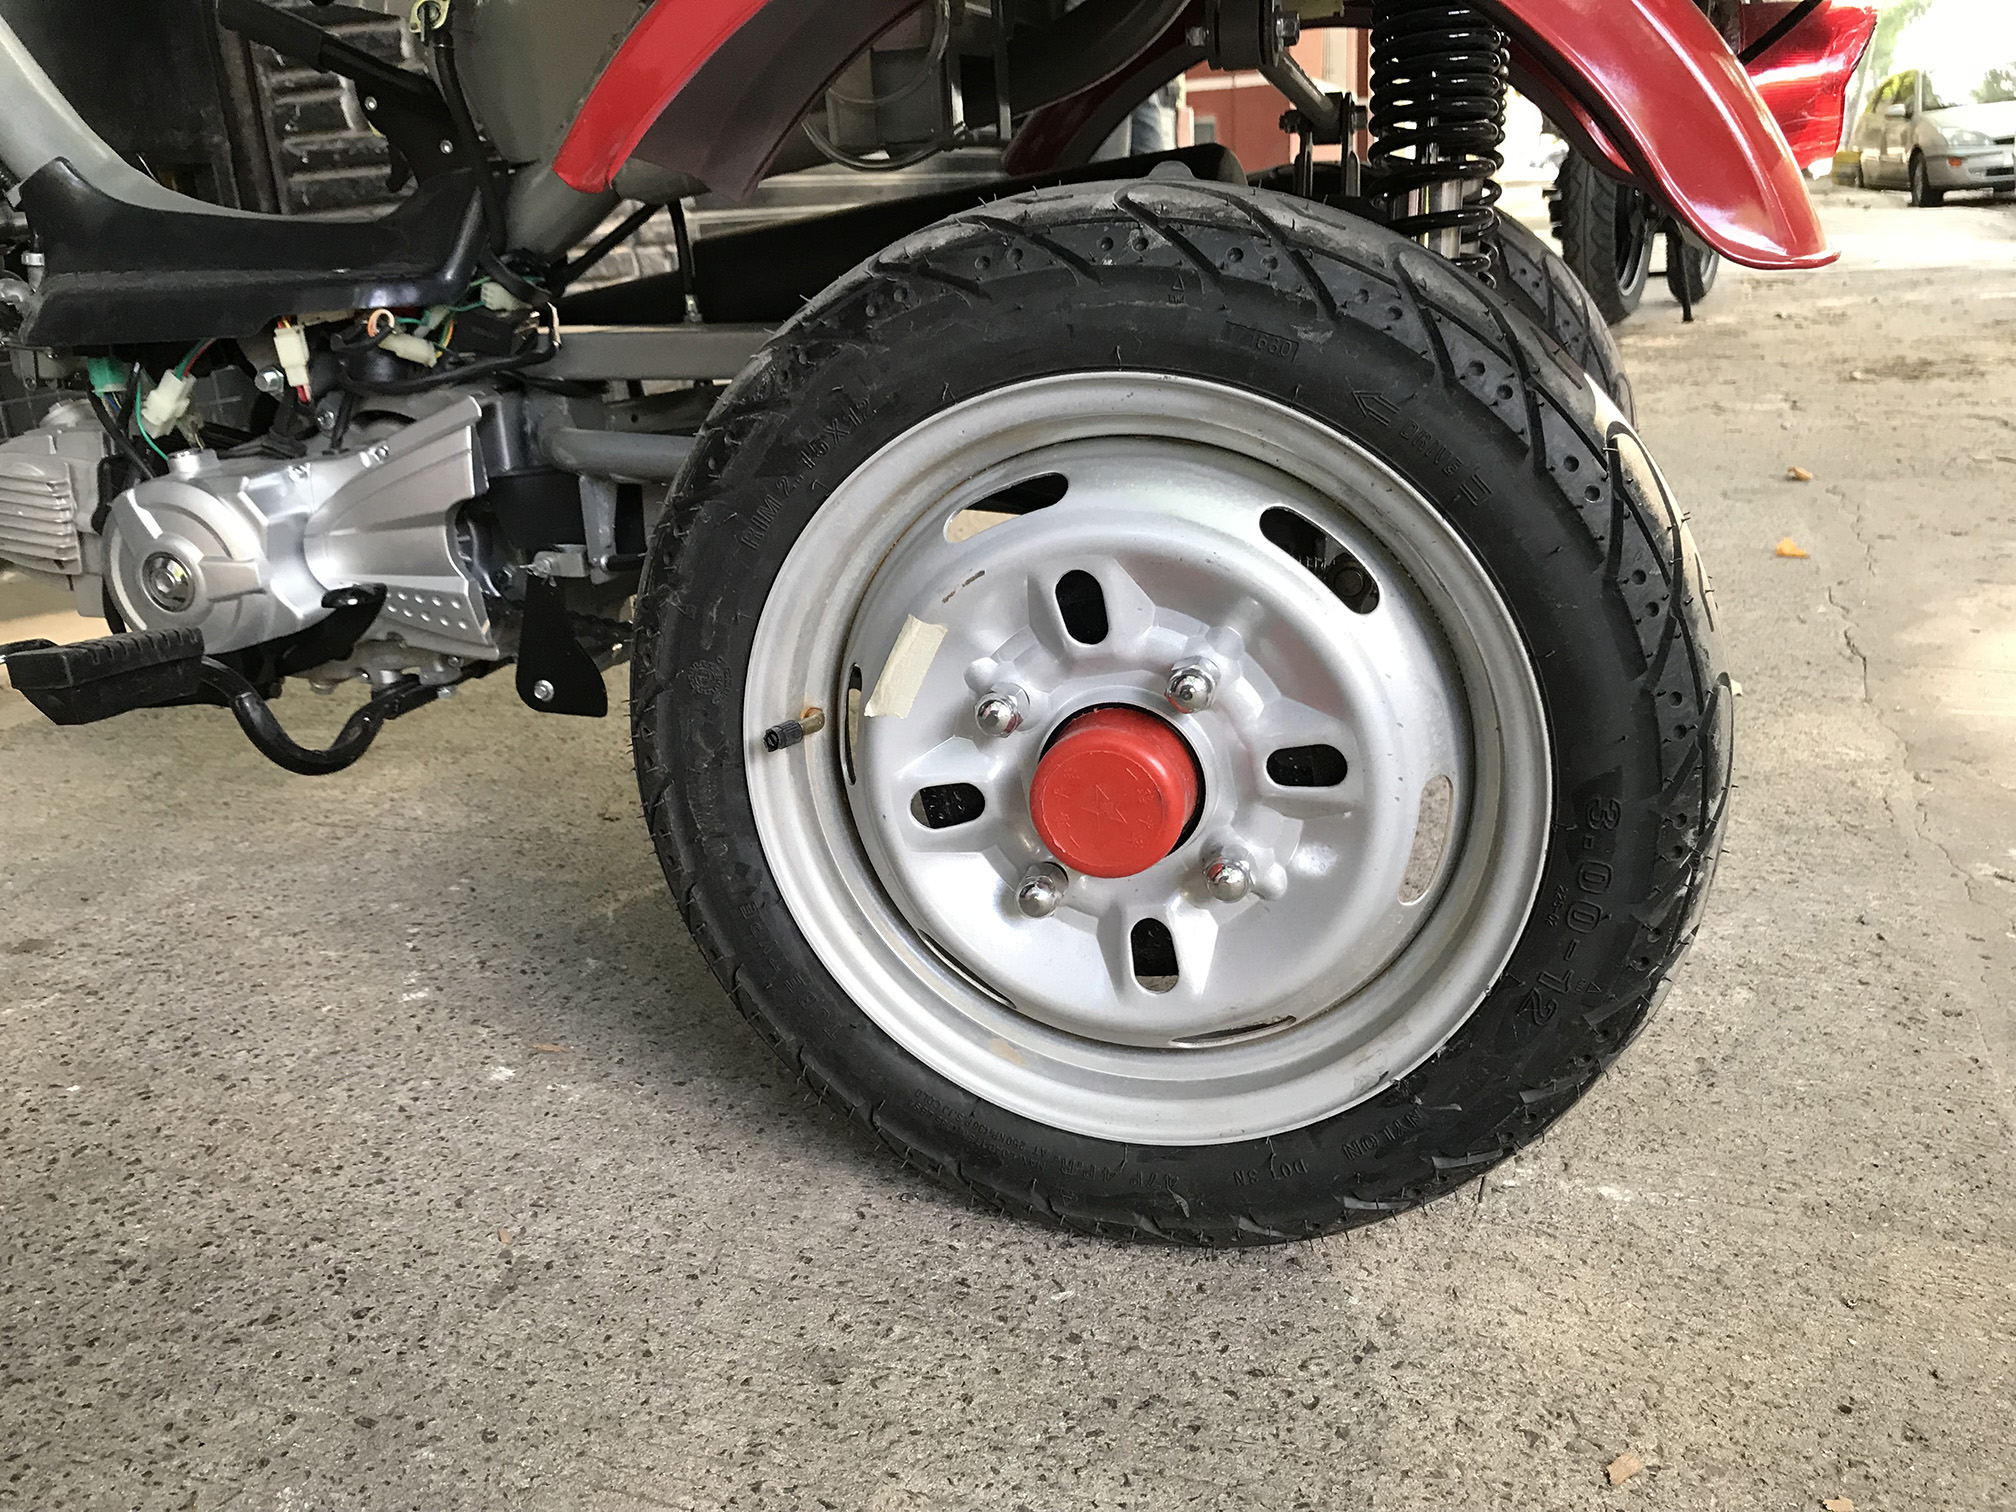 Moto Zanella Tricargo 110 4T